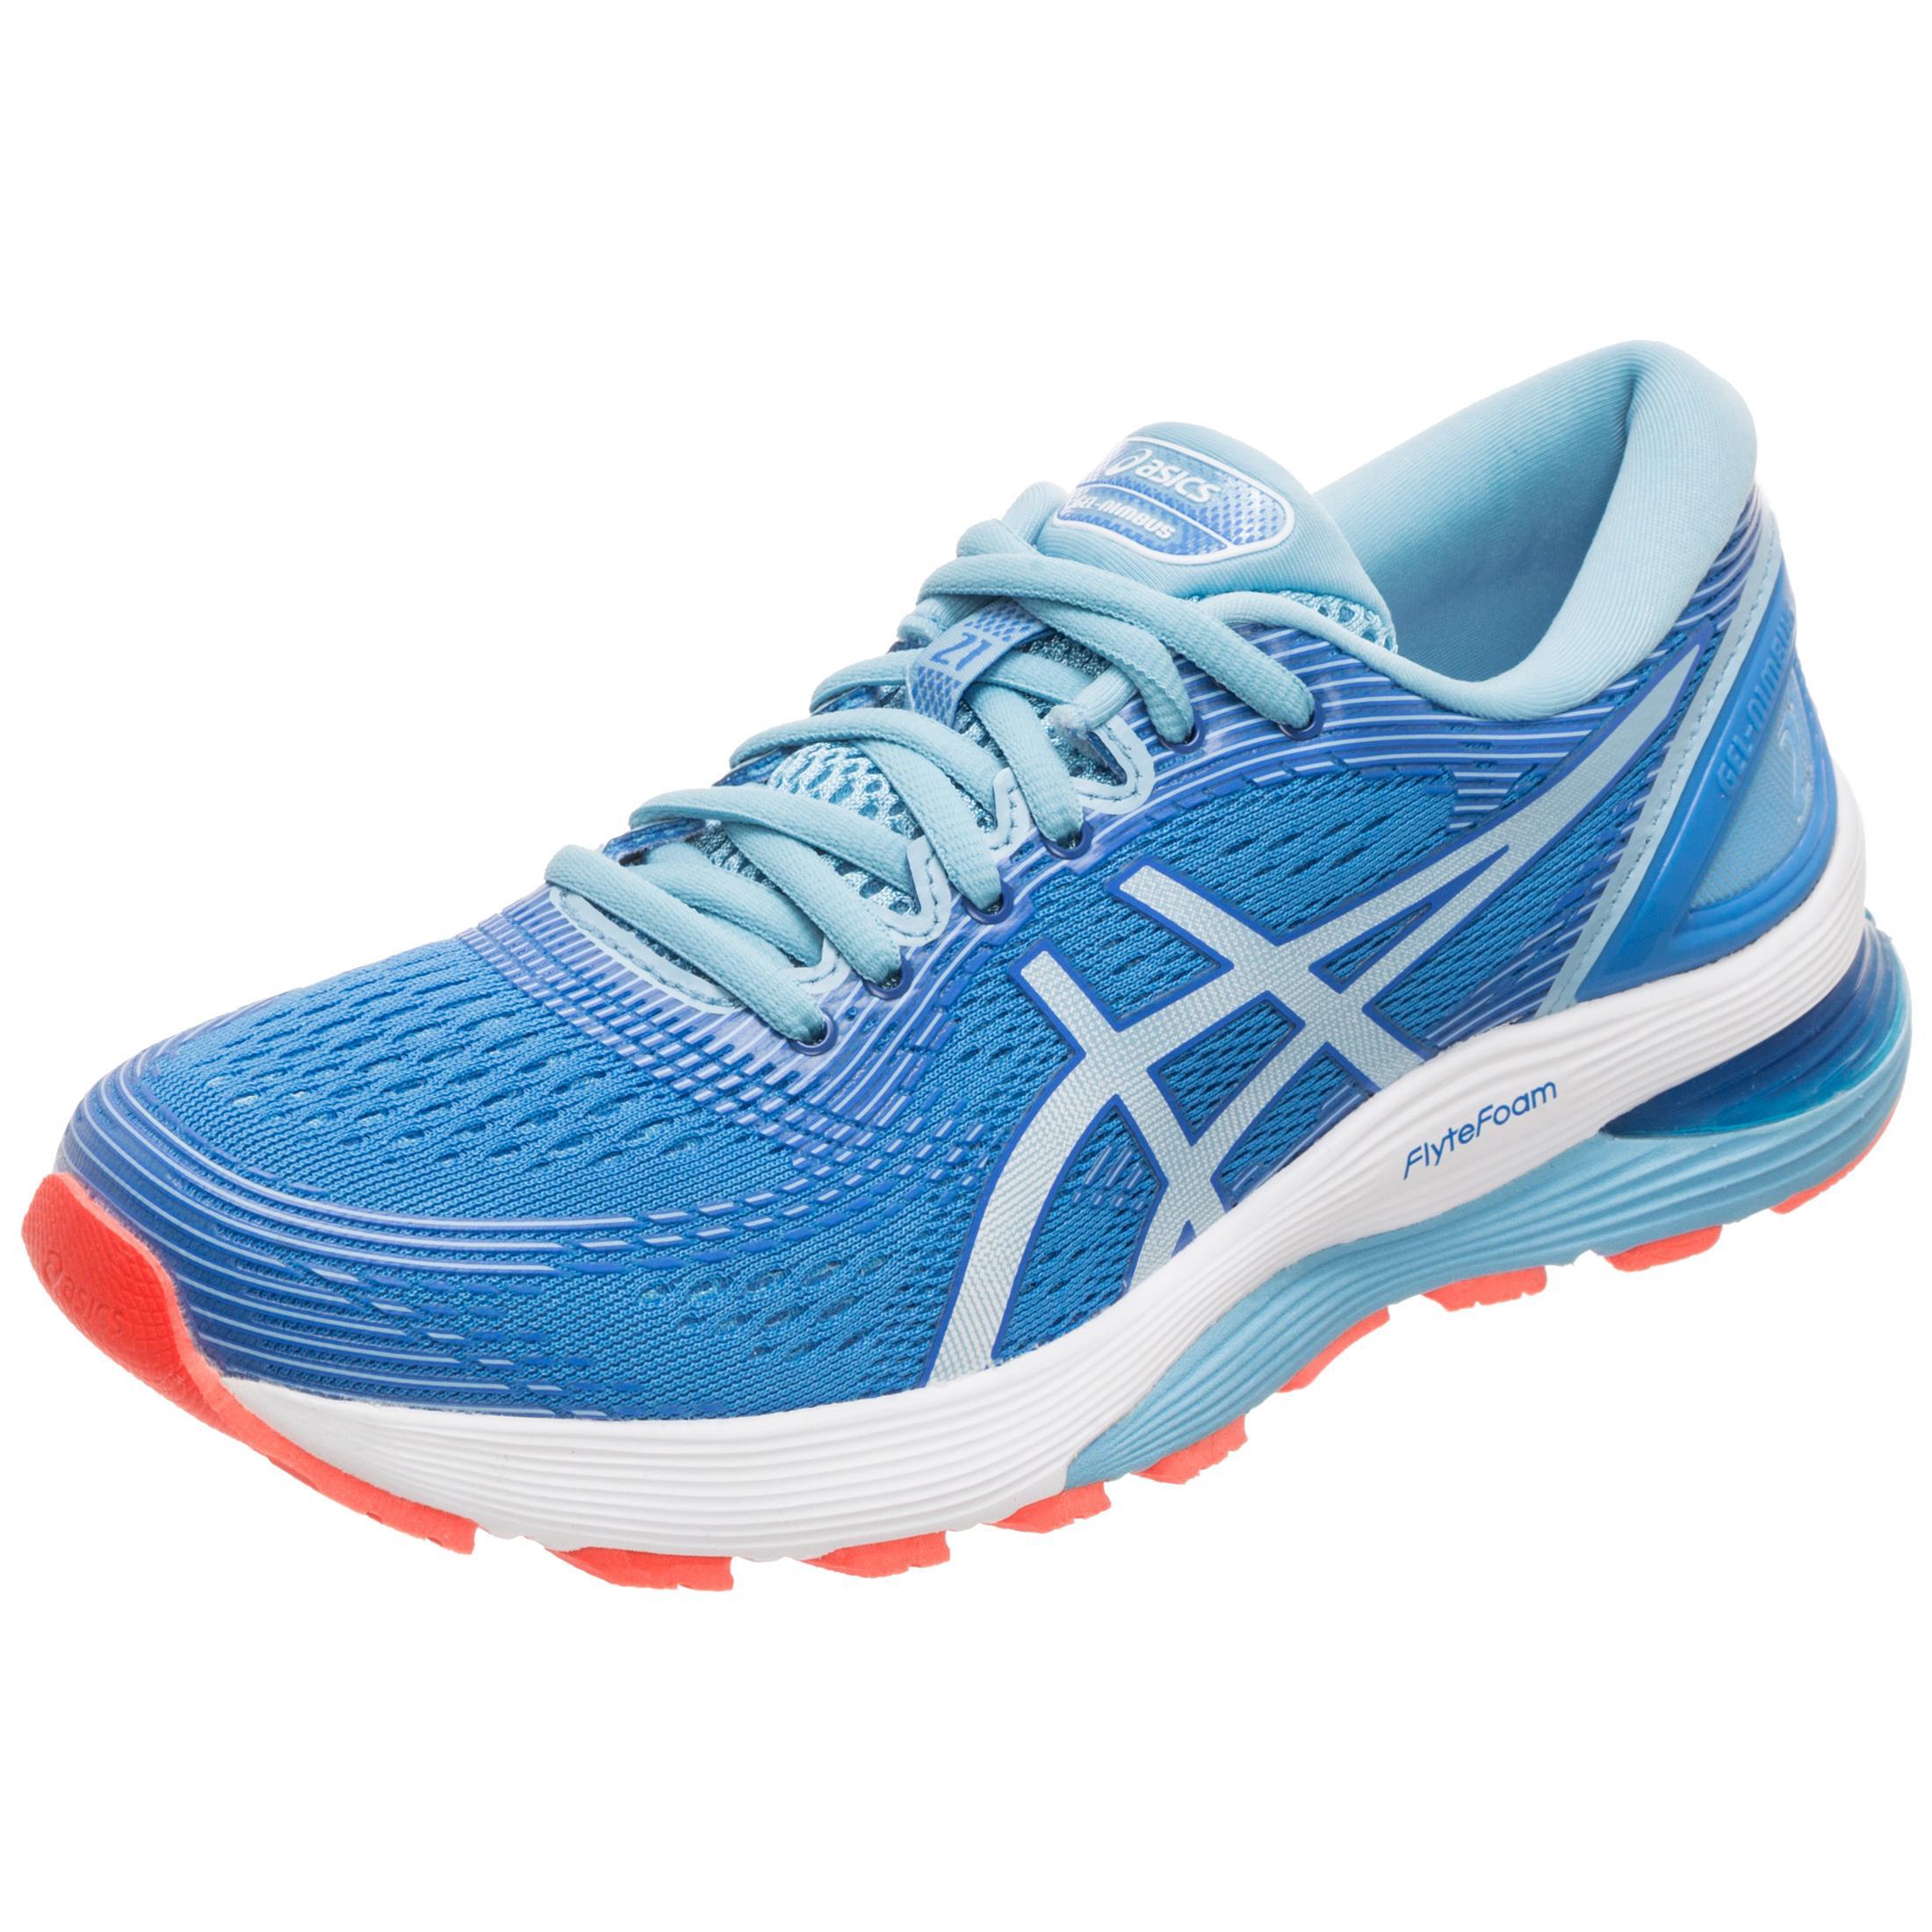 ASICS Gel-Nimbus 21 Laufschuhe Damen Rosa Rosa Rosa   Rosa im Online Shop von SportScheck kaufen Gute Qualität beliebte Schuhe 197f77